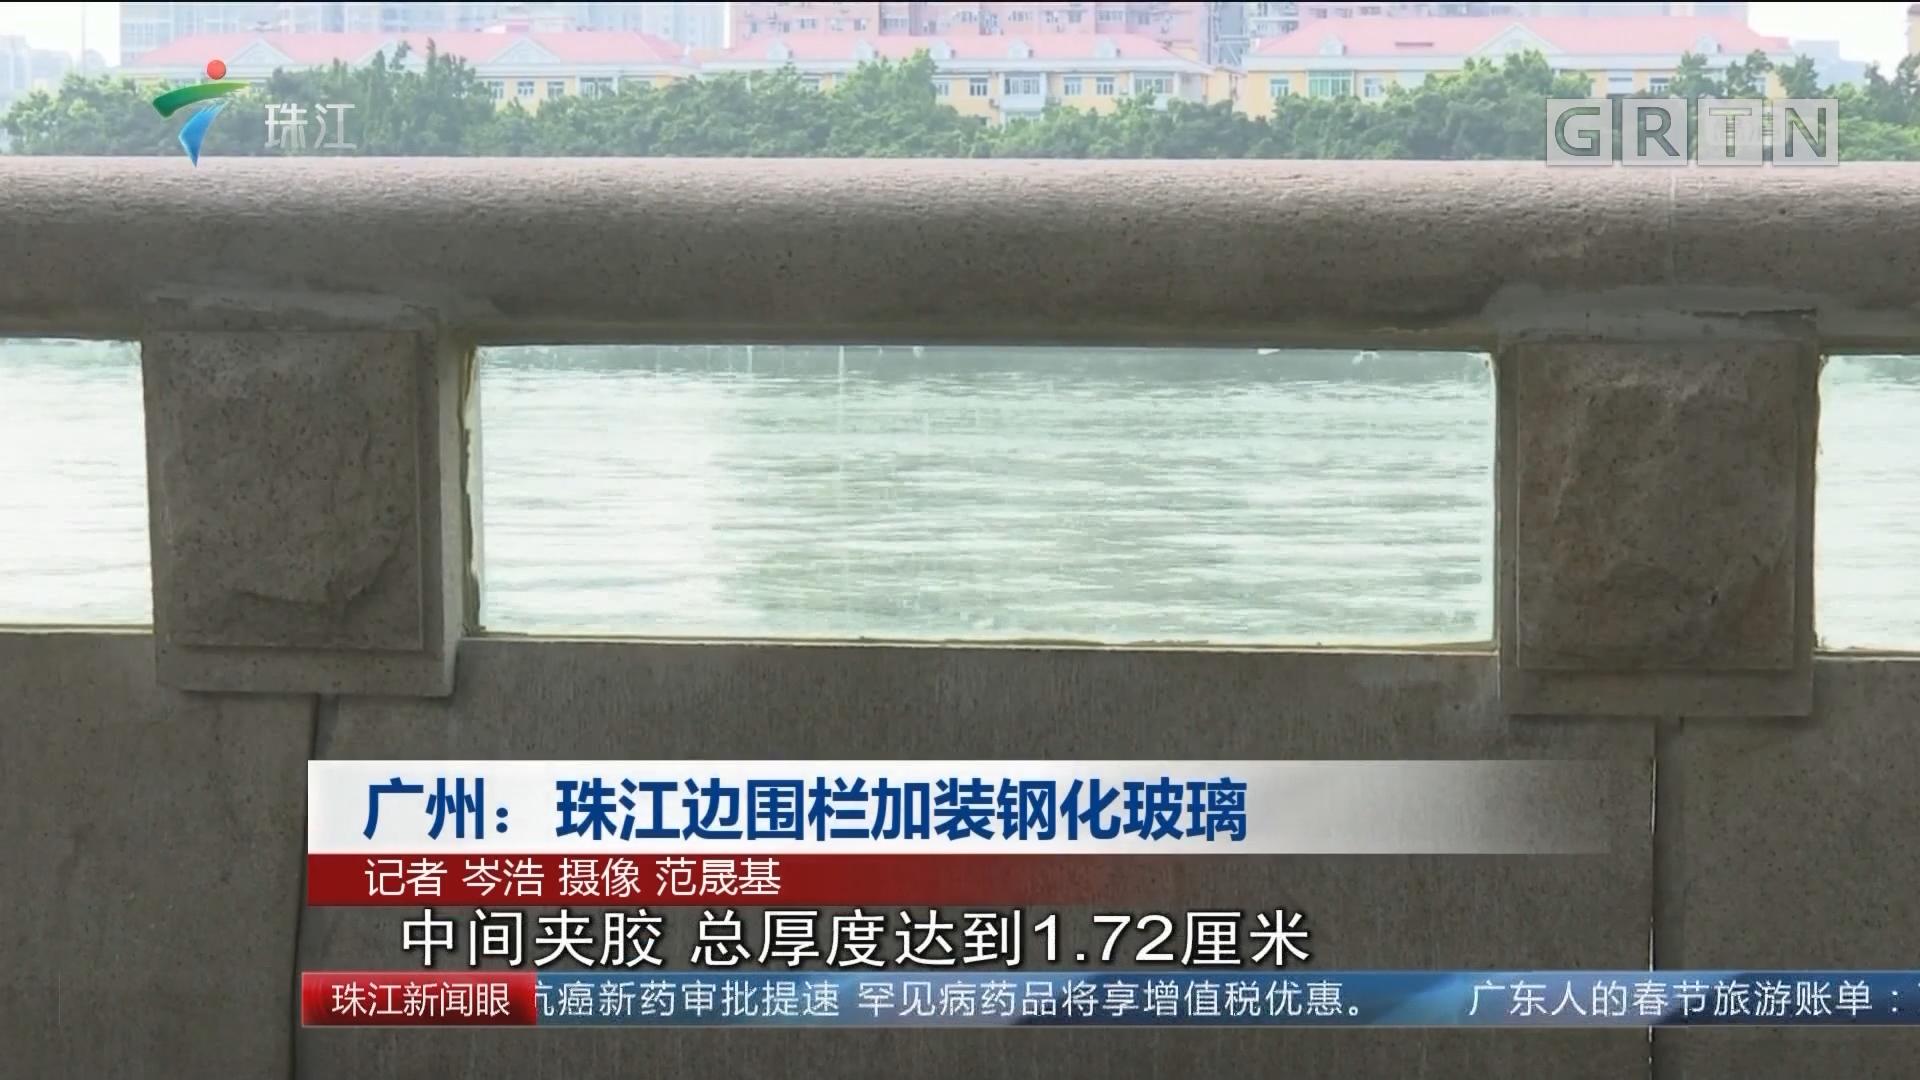 广州:珠江边围栏加装钢化玻璃